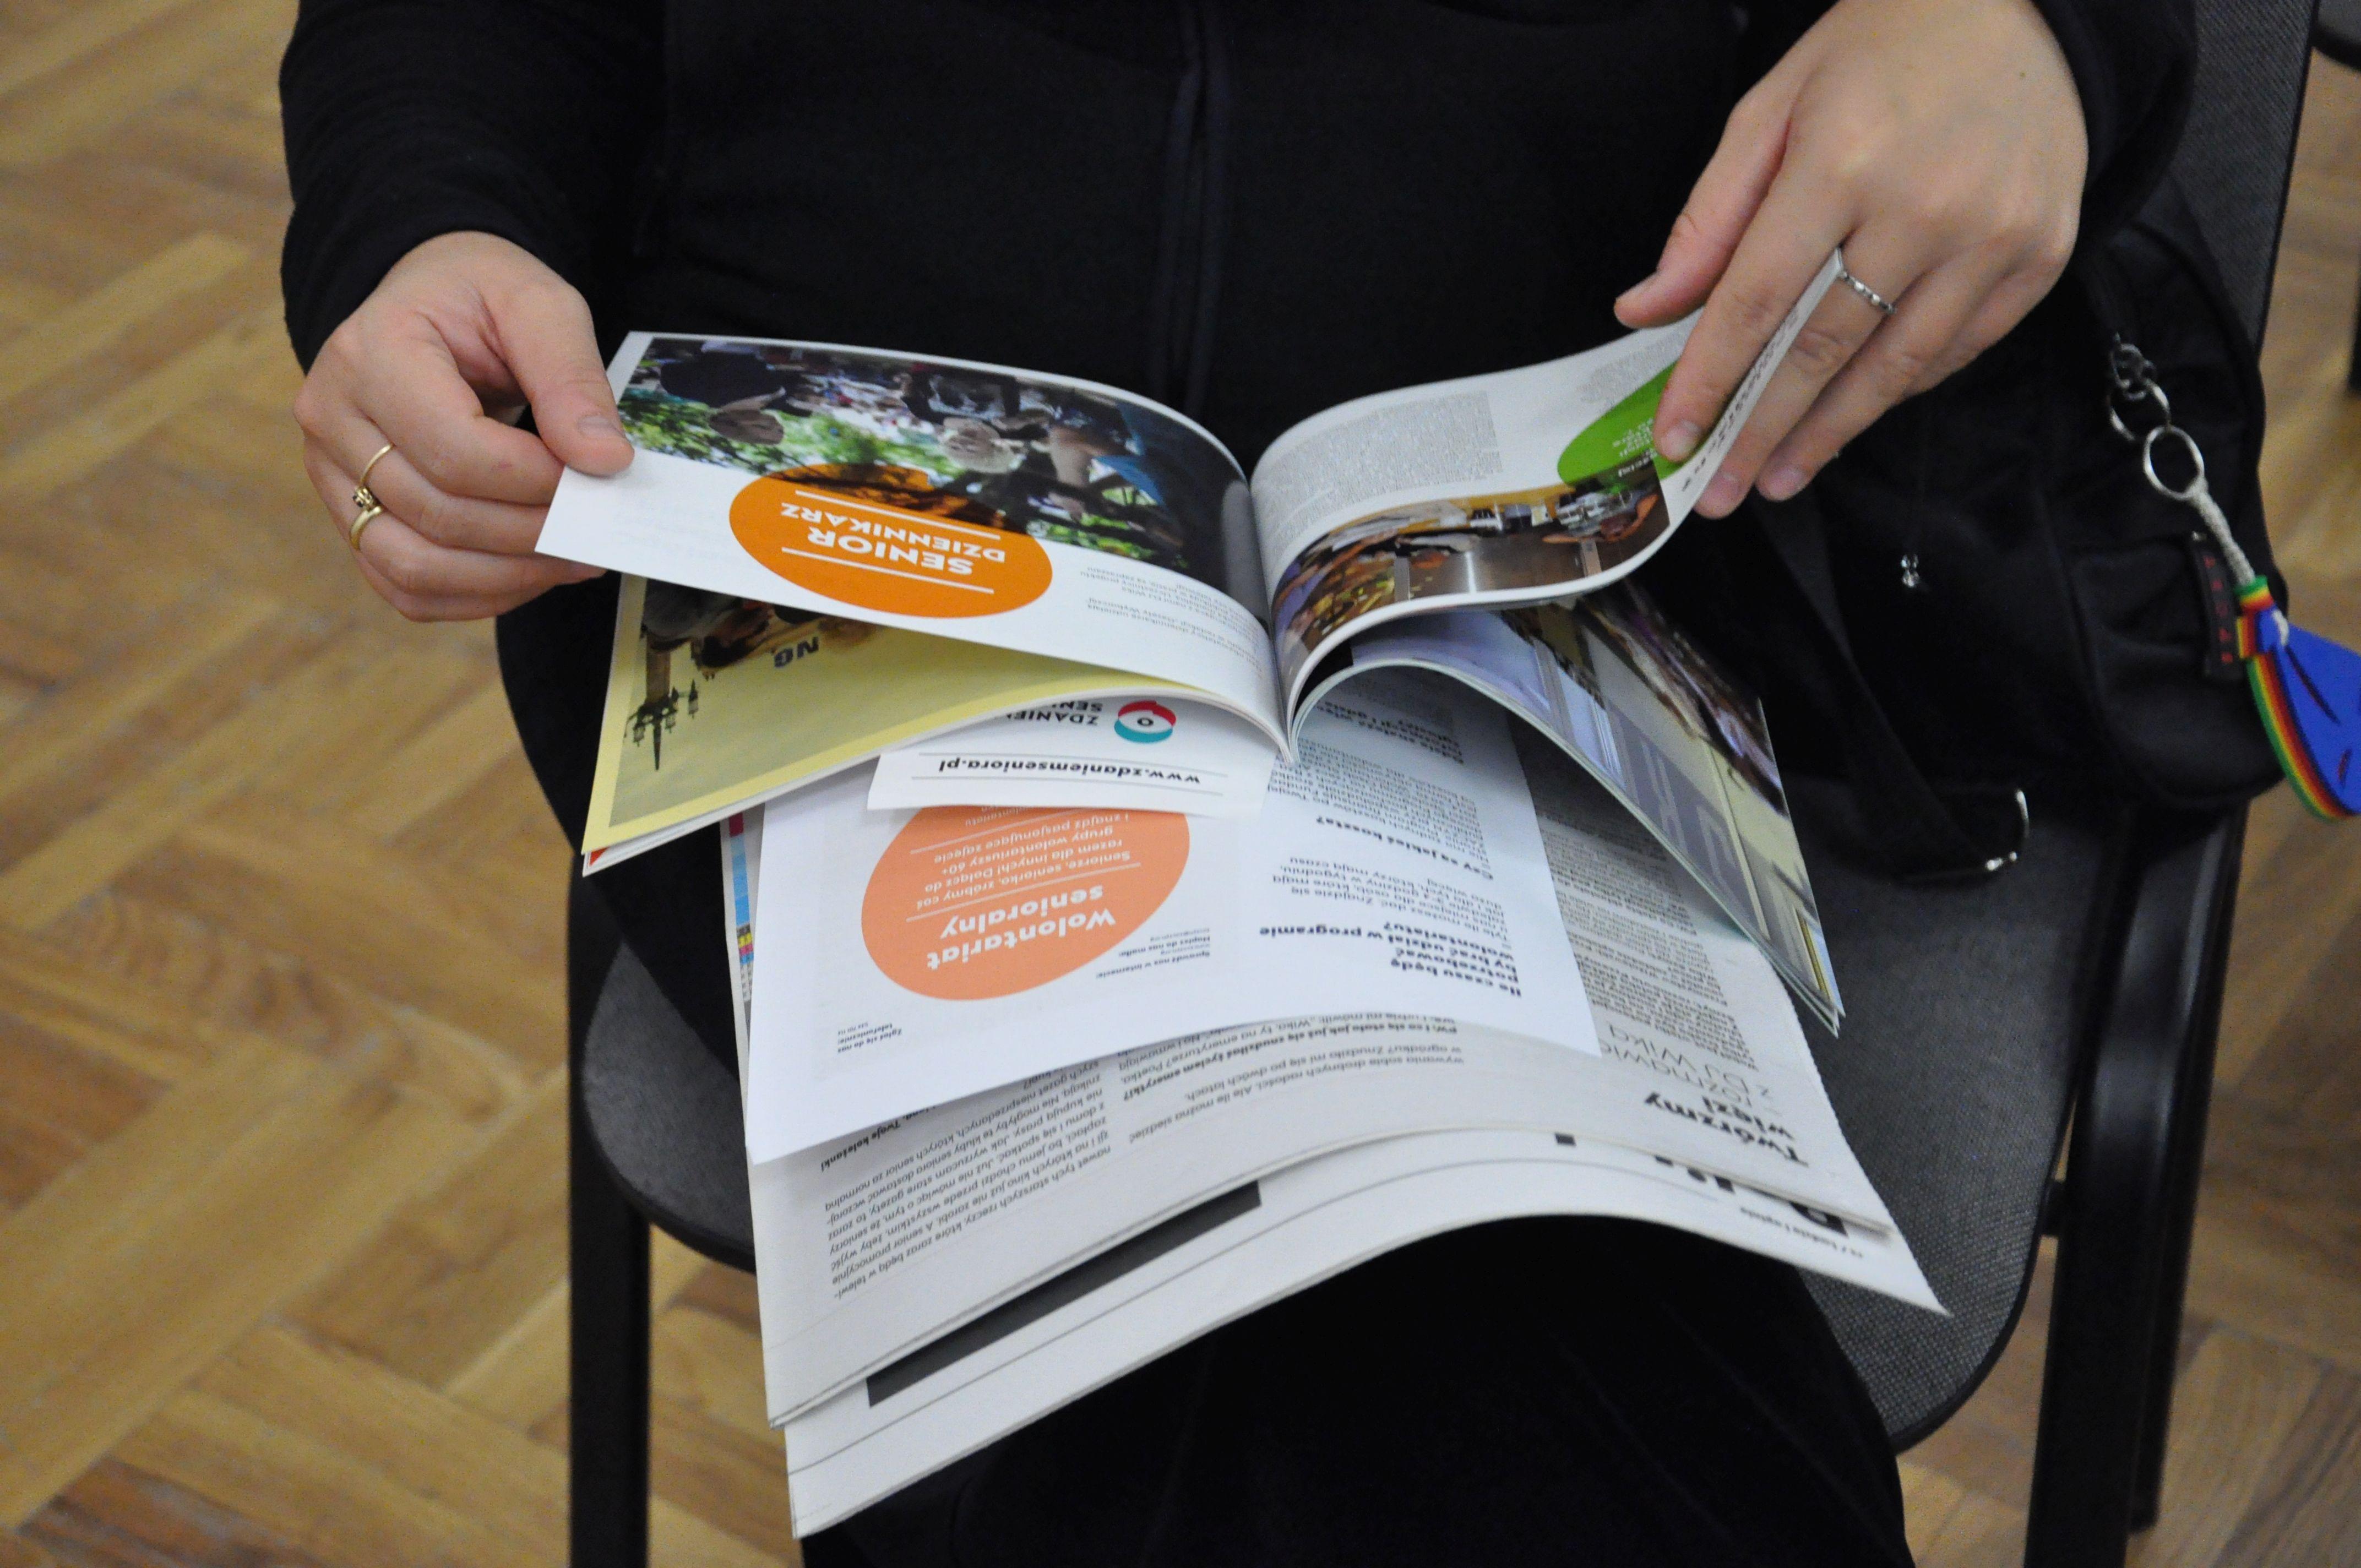 Mapowanie miejsc kultury-Zachęta-Fundacja ZACZYN (57)